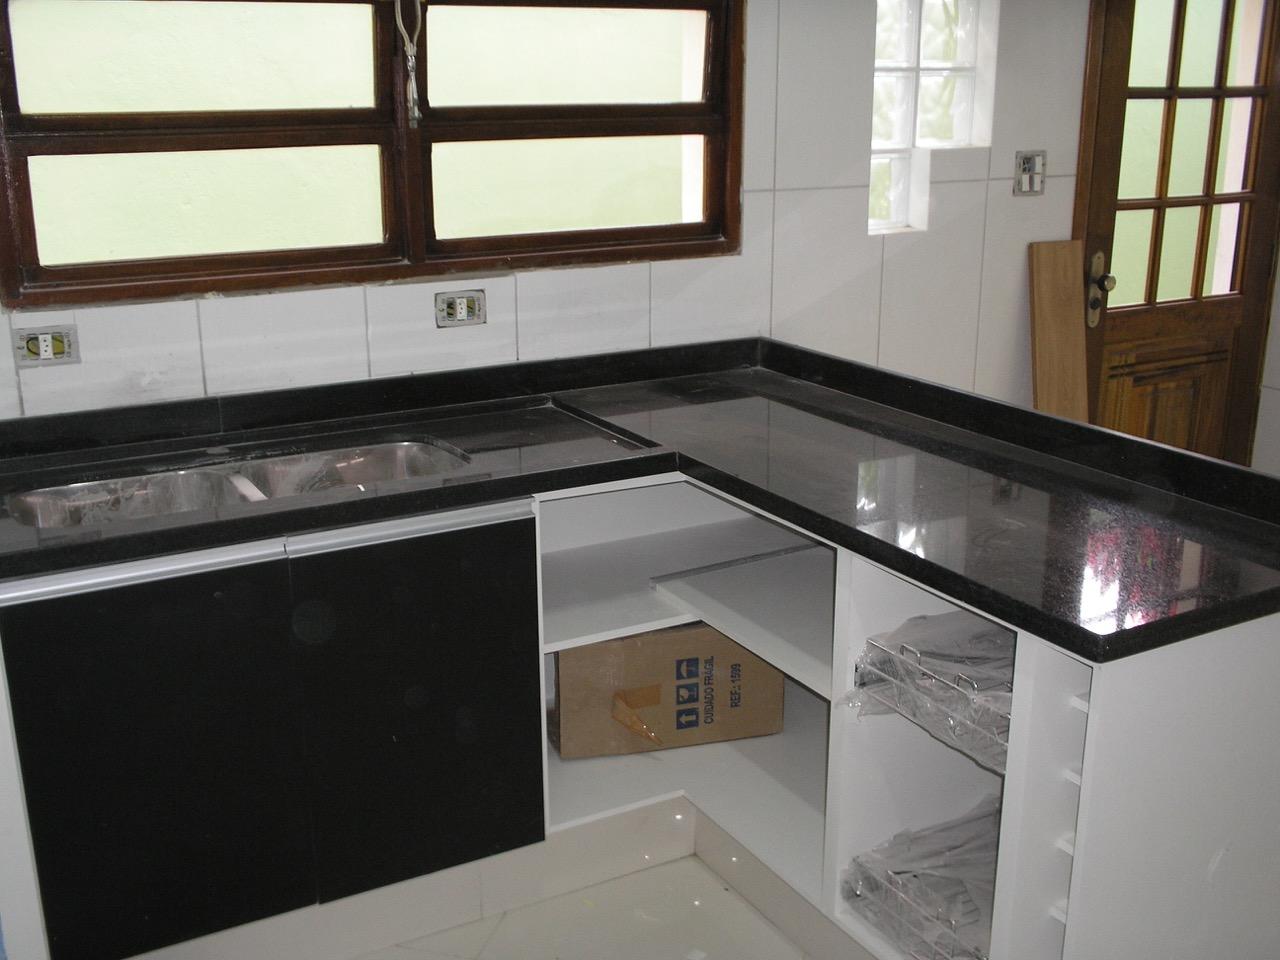 Pia E Lavatorios Sob Medida Em Granito Ou Marmore Preco R 249 00  #604D3B 1280 960